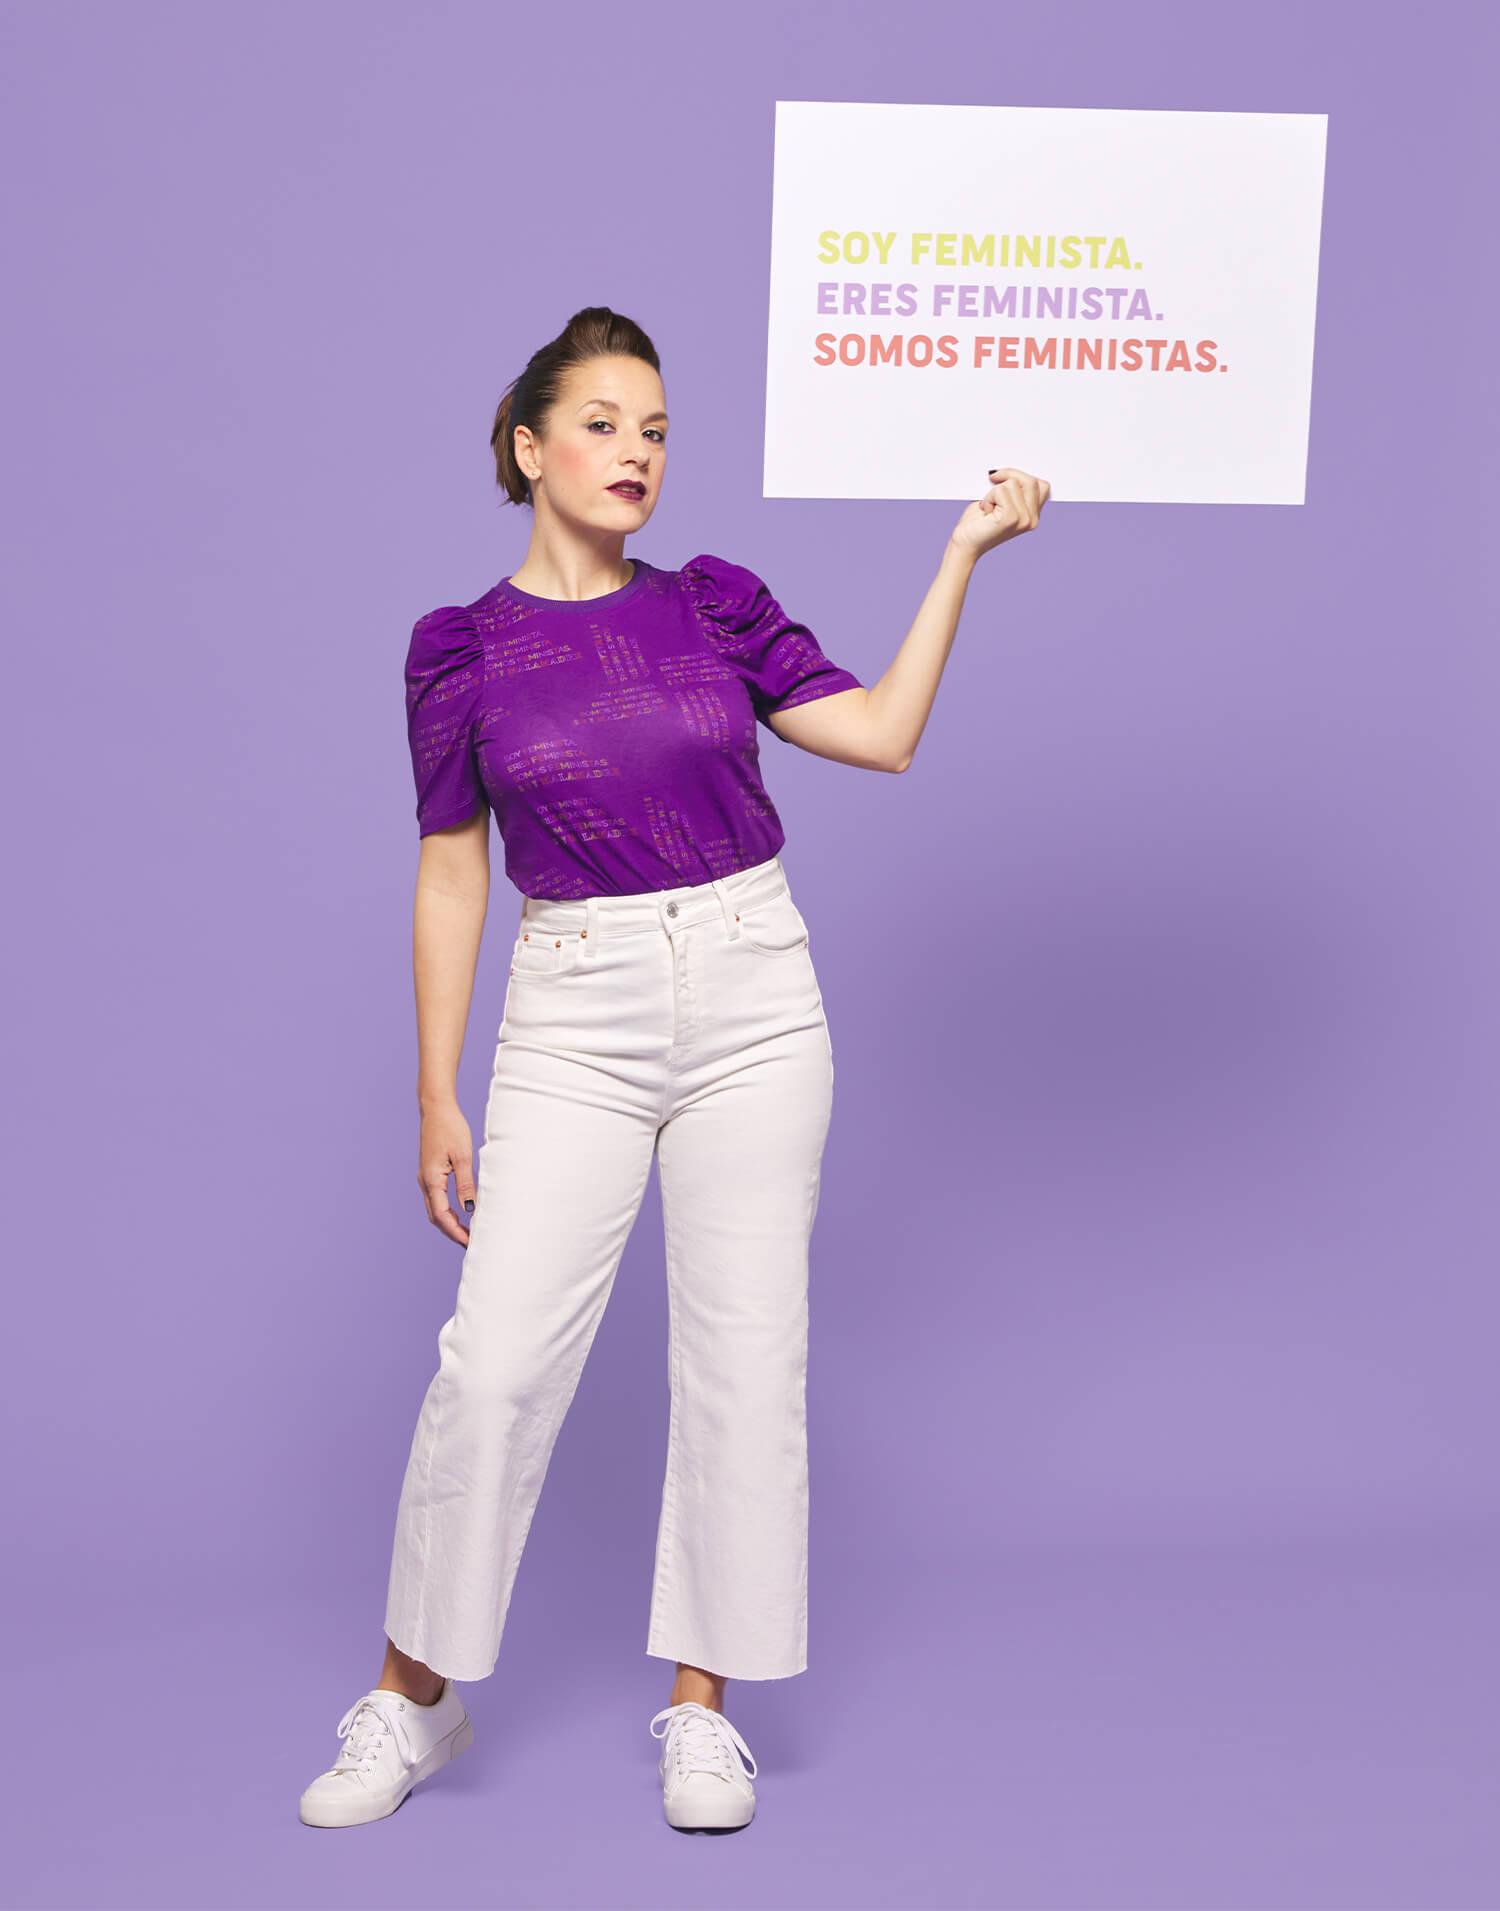 Camiseta morada 'Somos feministas'